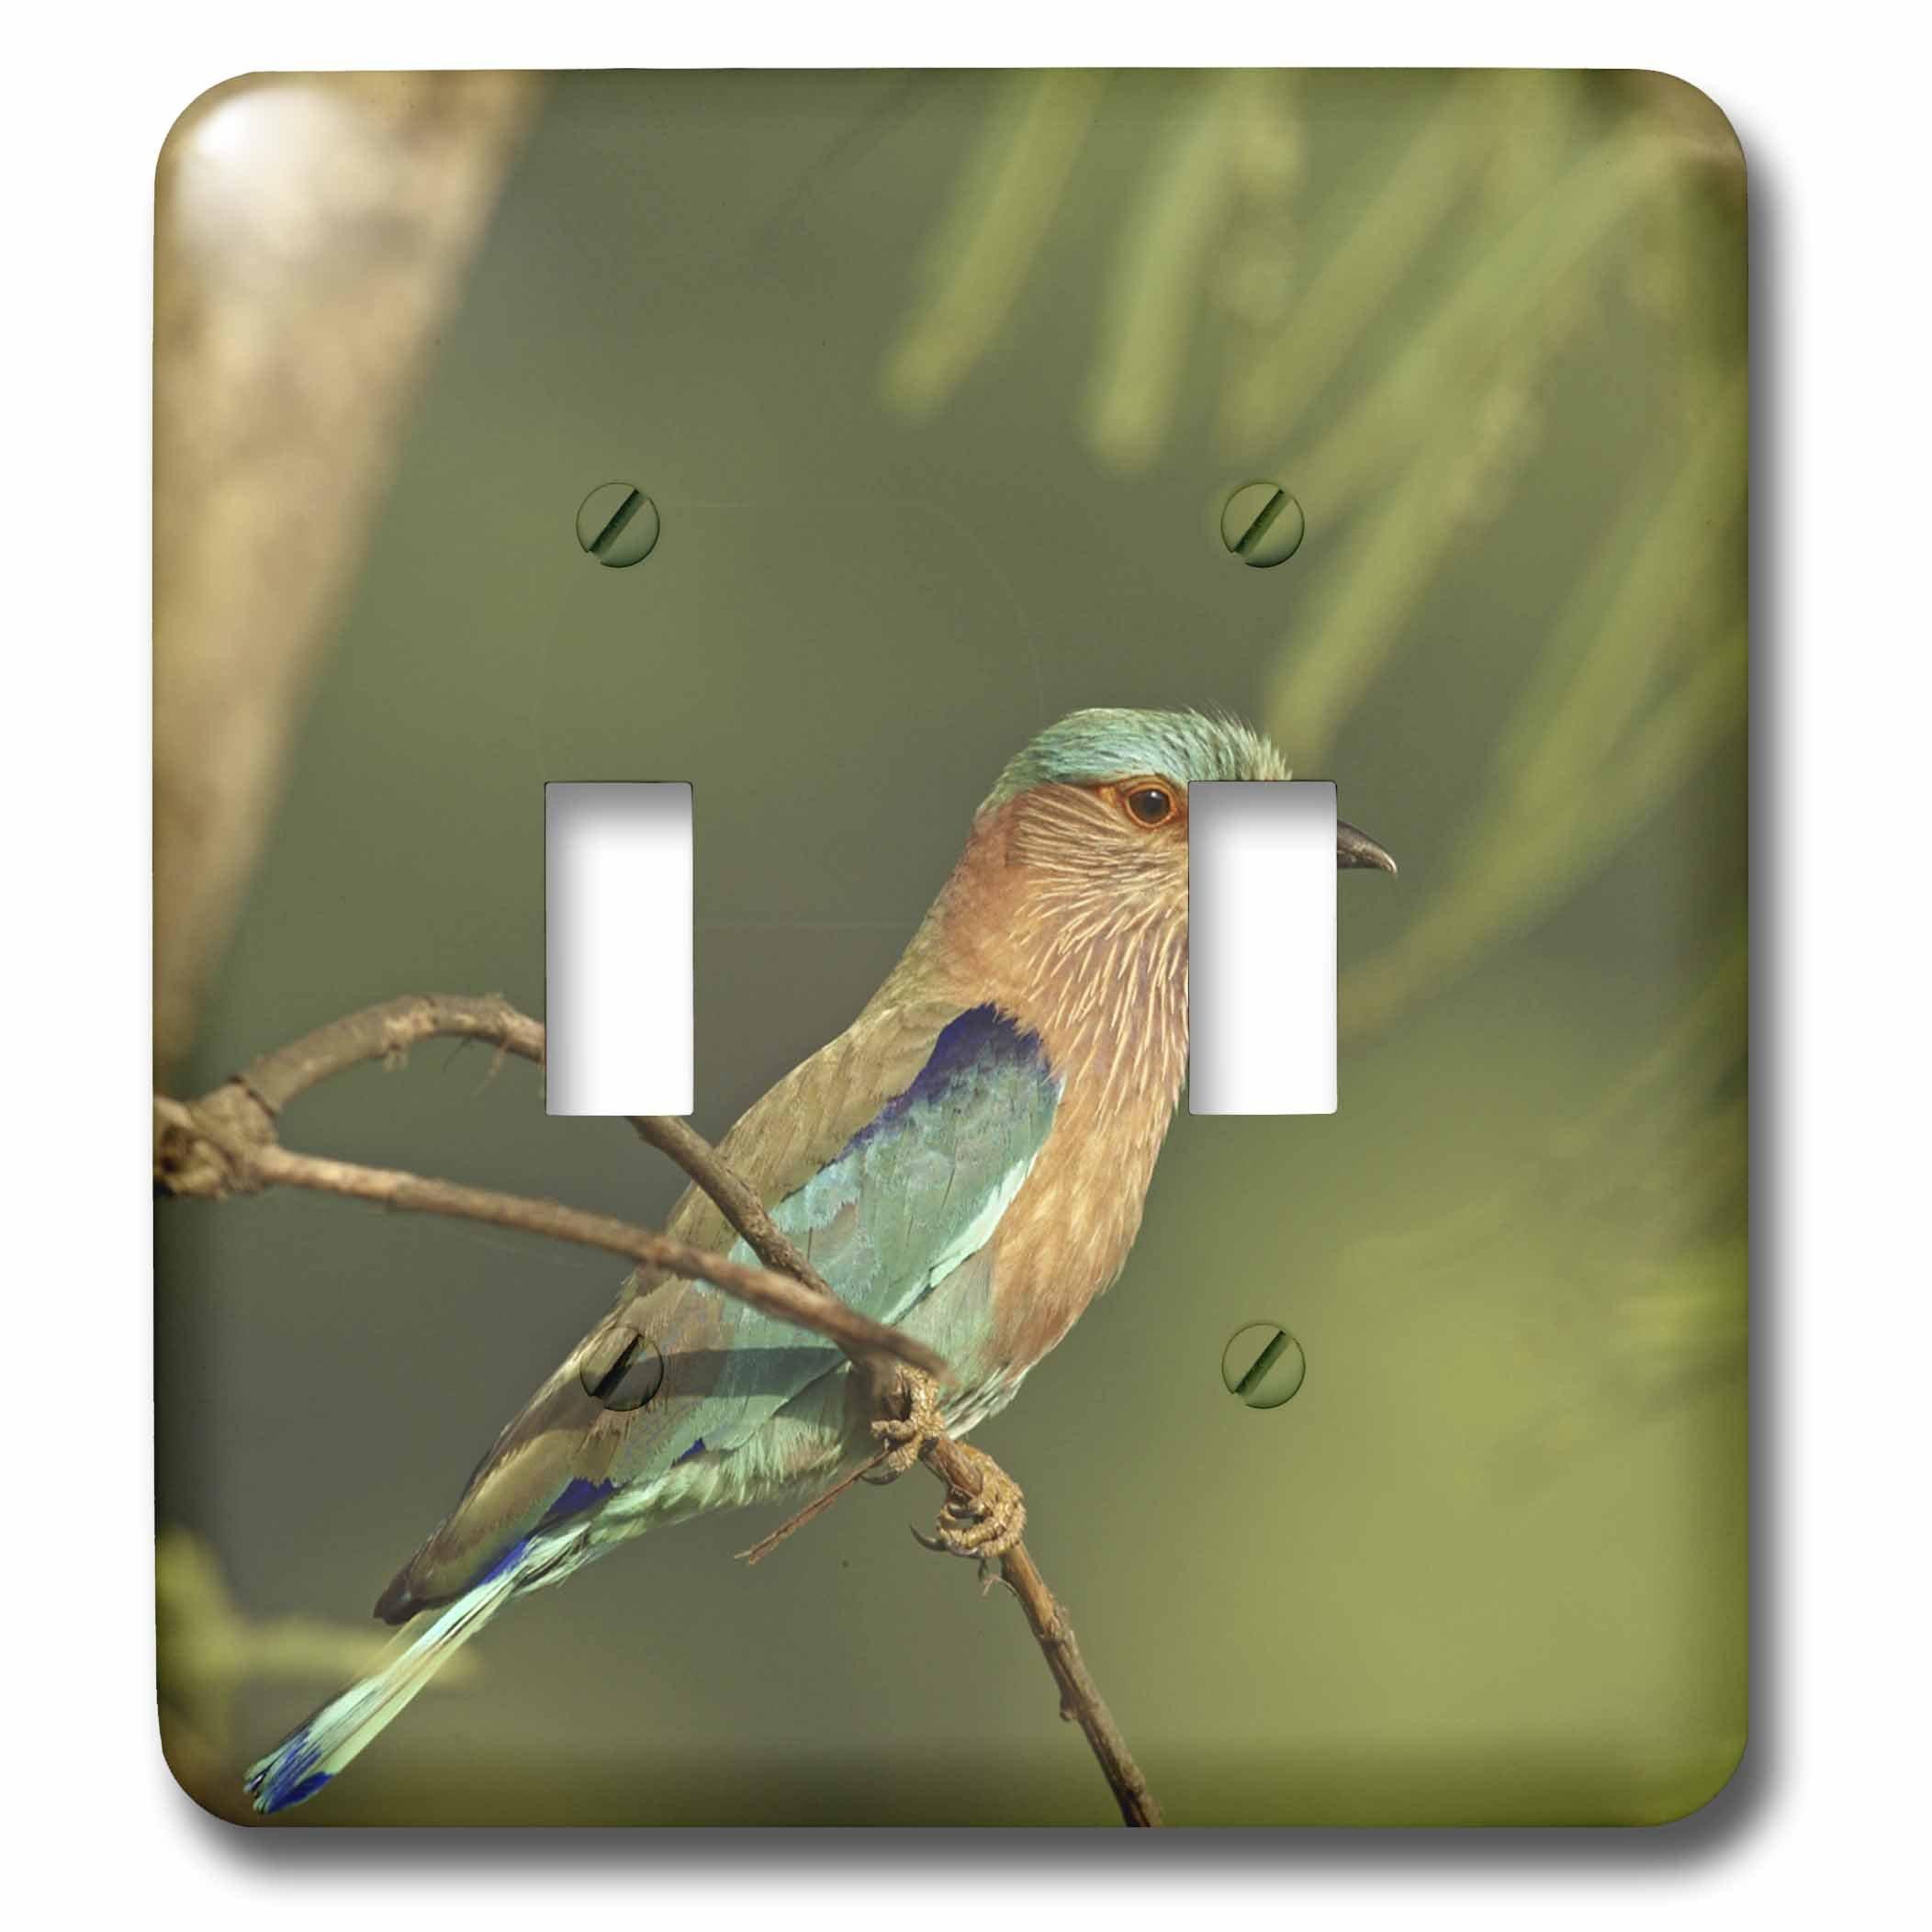 3dRose lsp_70543_2 Indian Roller Bird, Corbett Np, Uttaranchal, India-As10 Jra0089 Jagdeep Rajput Double Toggle Switch